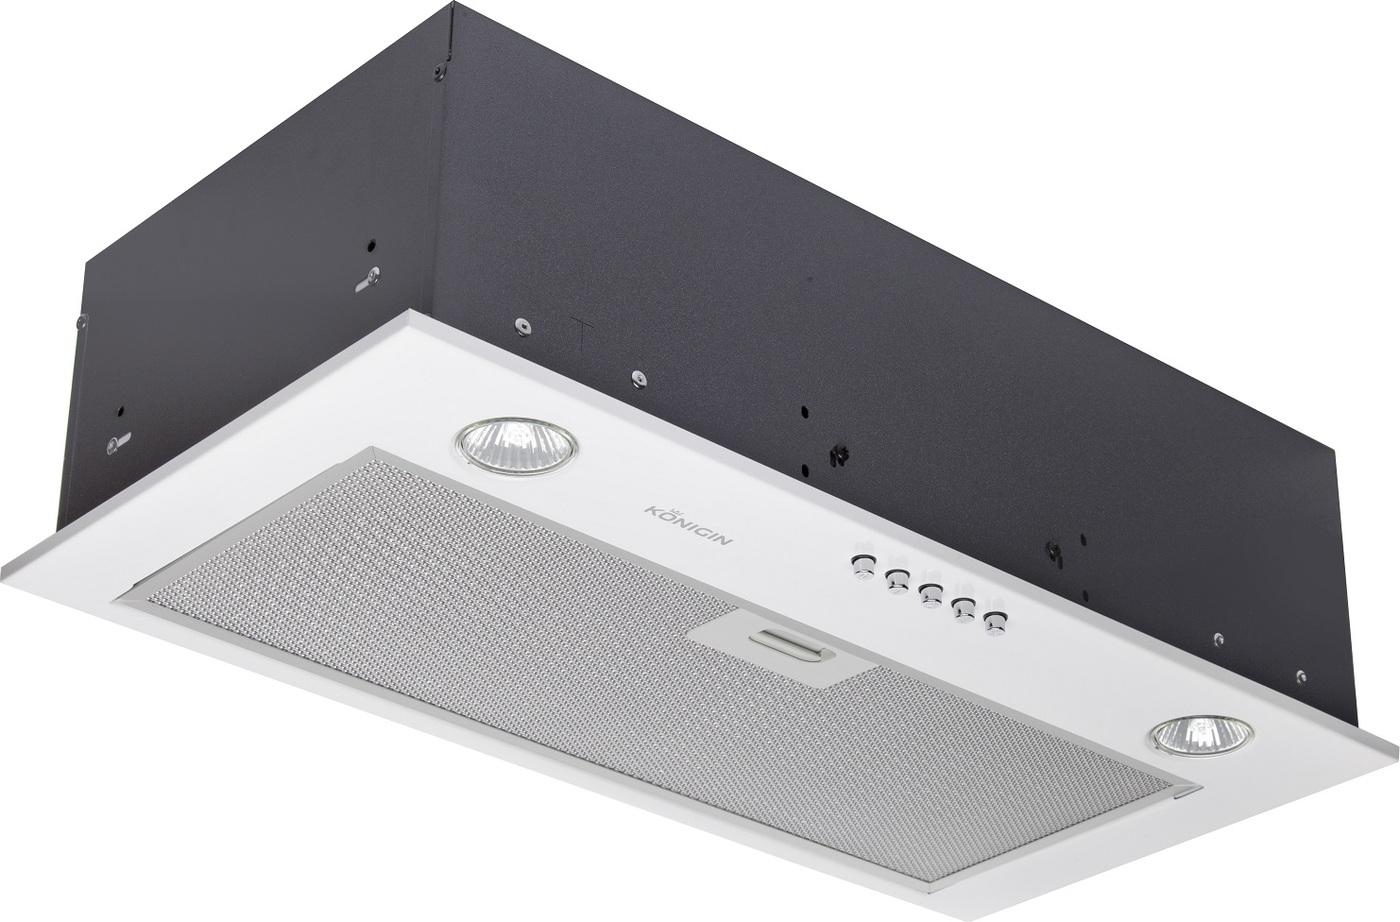 Кухонная вытяжка Konigin Inbox Plus (White 60) Угольный фильтр для использования в режиме рециркуляции...